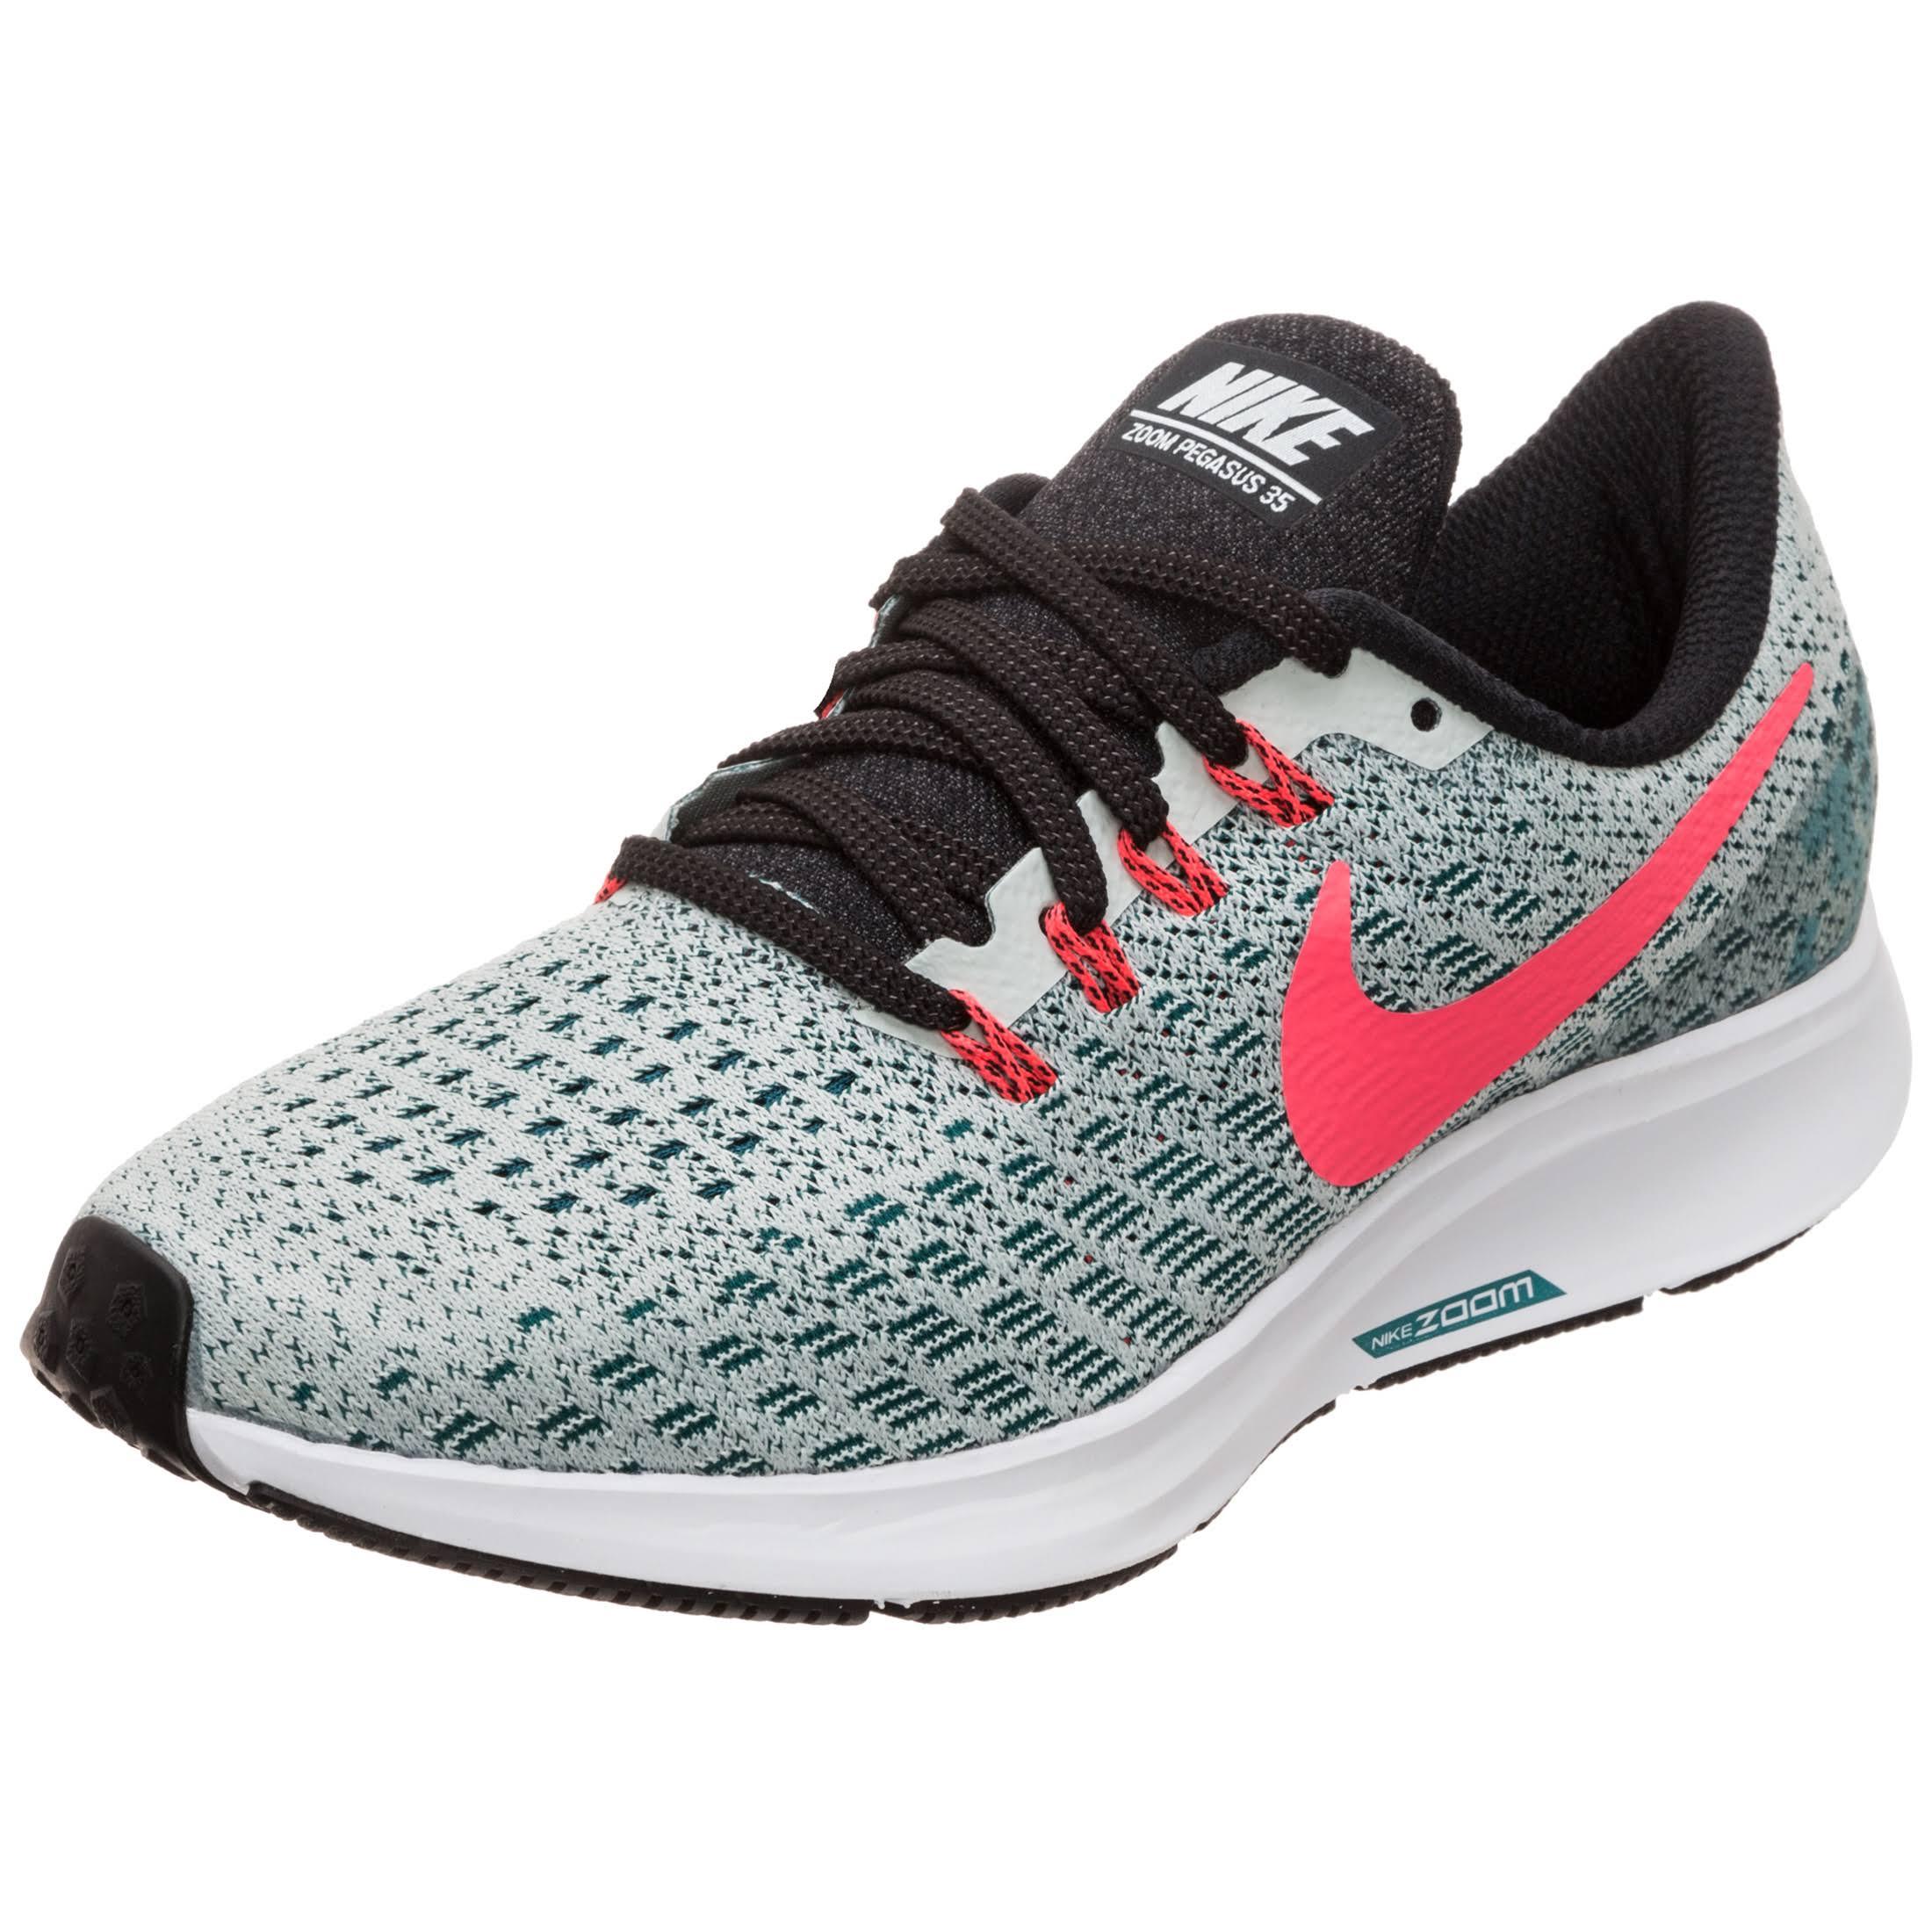 35 Für Damen Laufschuhe Pegasus Grau Nike Mint Zoom Air aPPFB